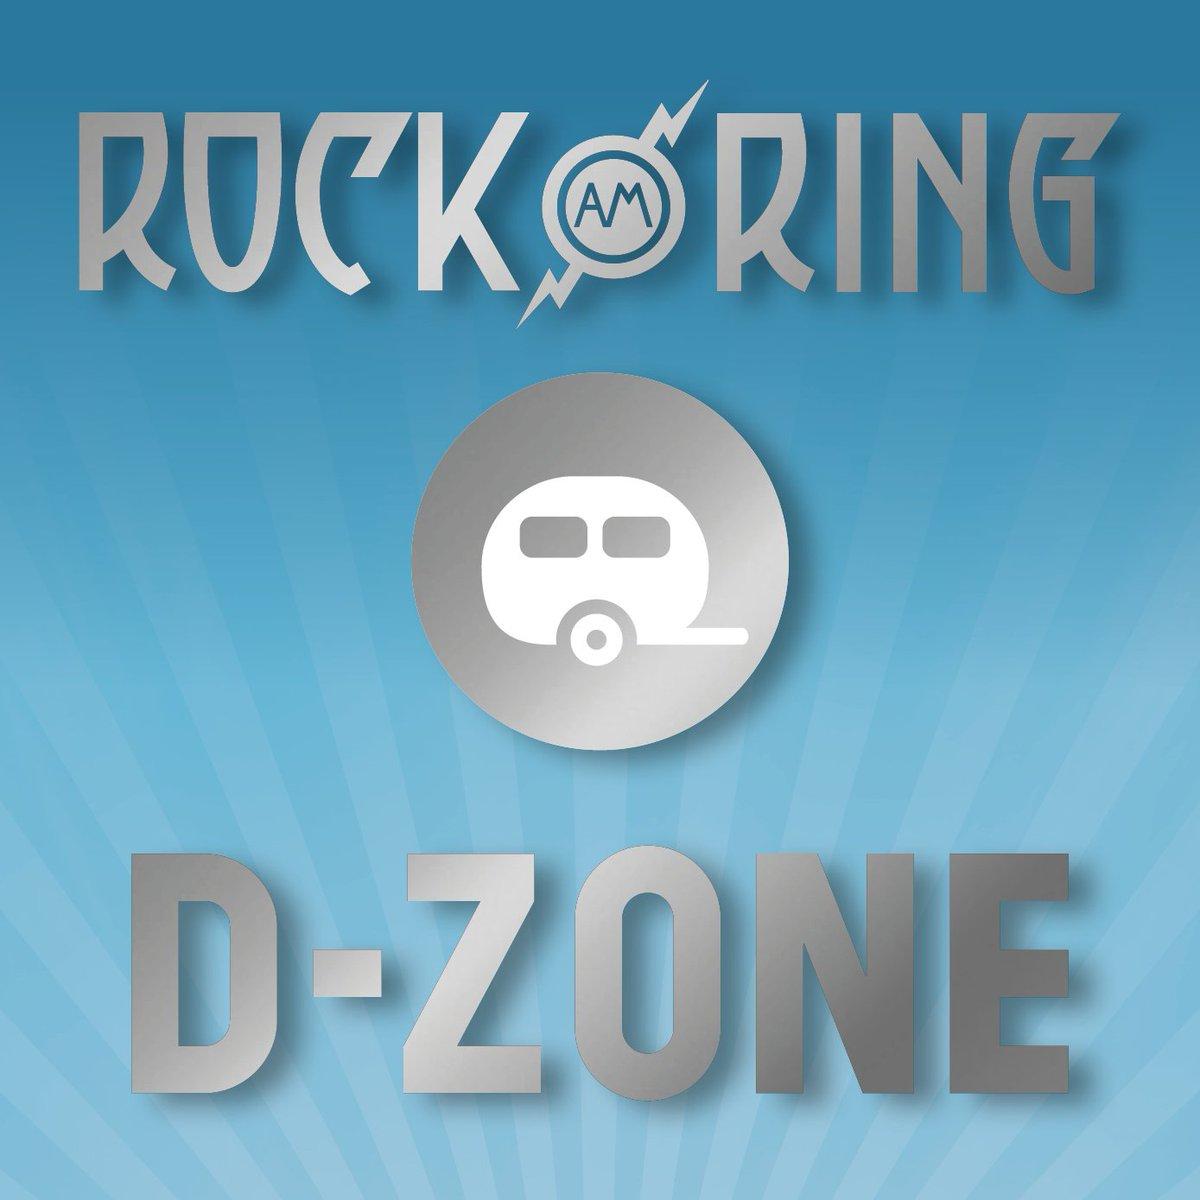 Rock Am Ring On Twitter Die Limitierten Plaketten Für Die D Zone